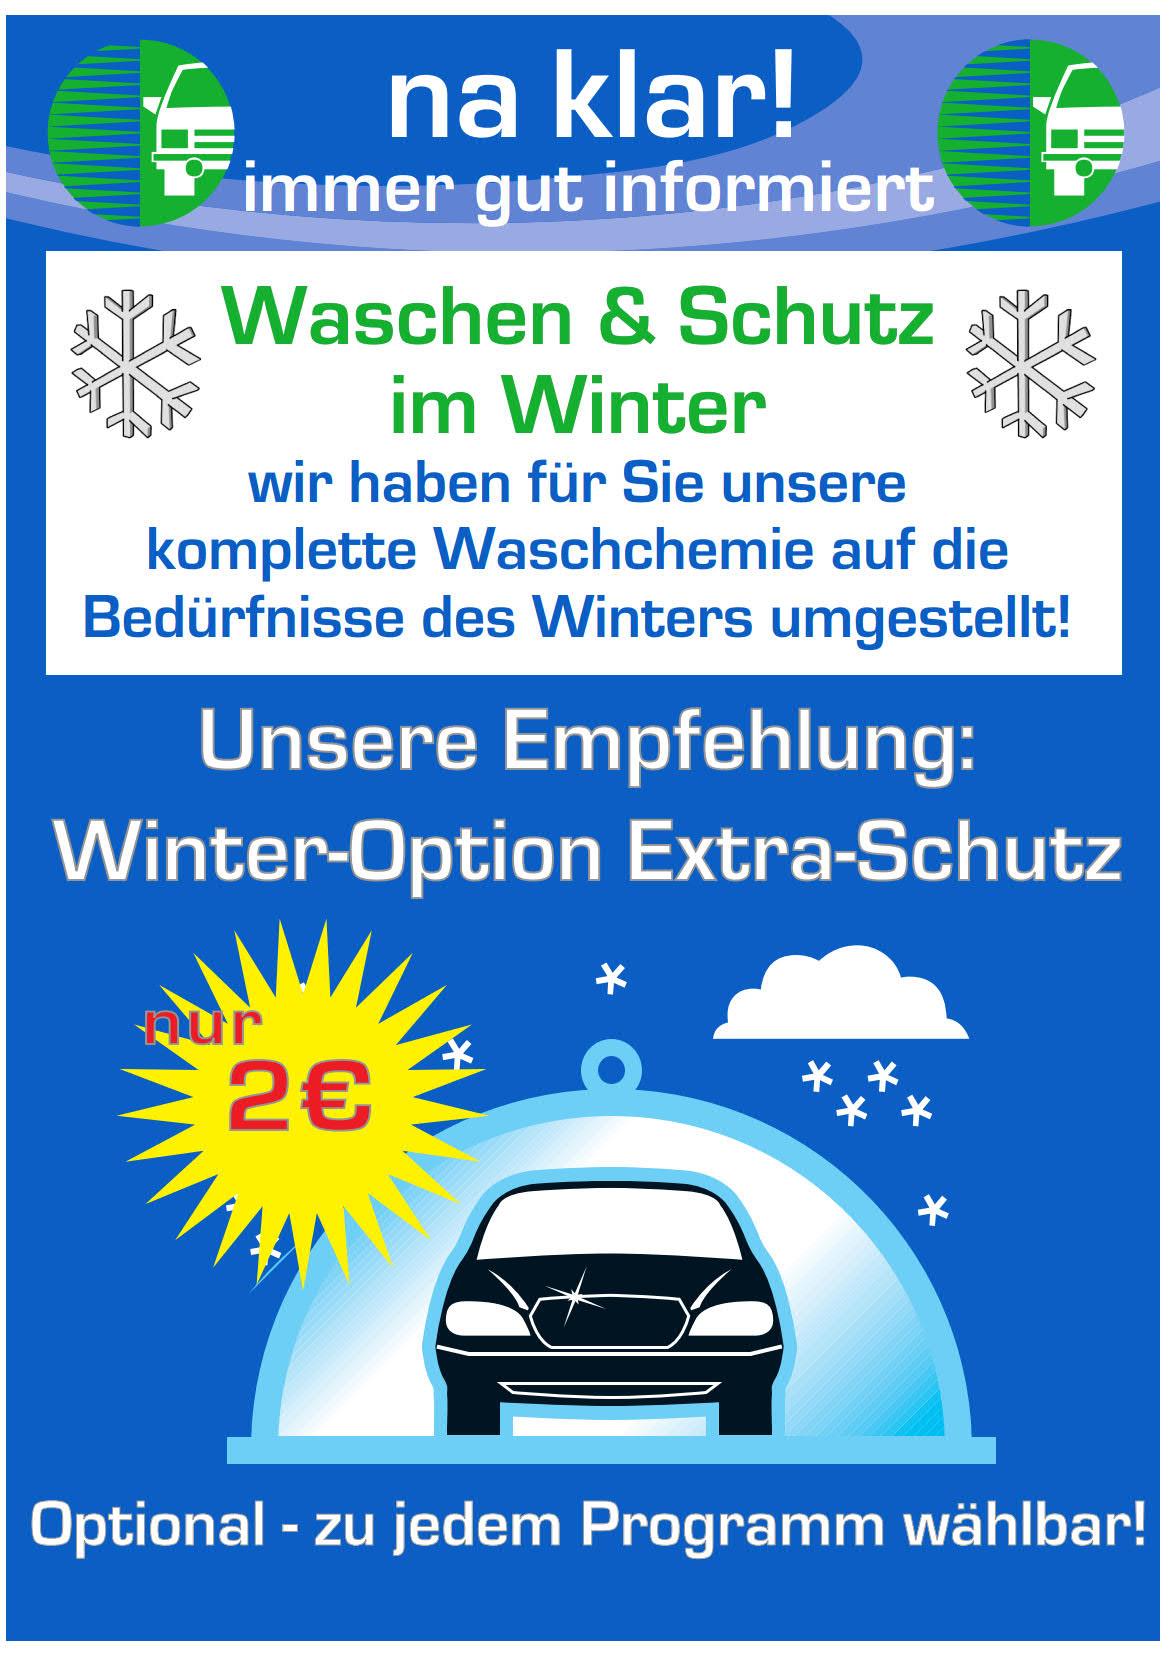 Winterchemie und EXTRA-Schutz